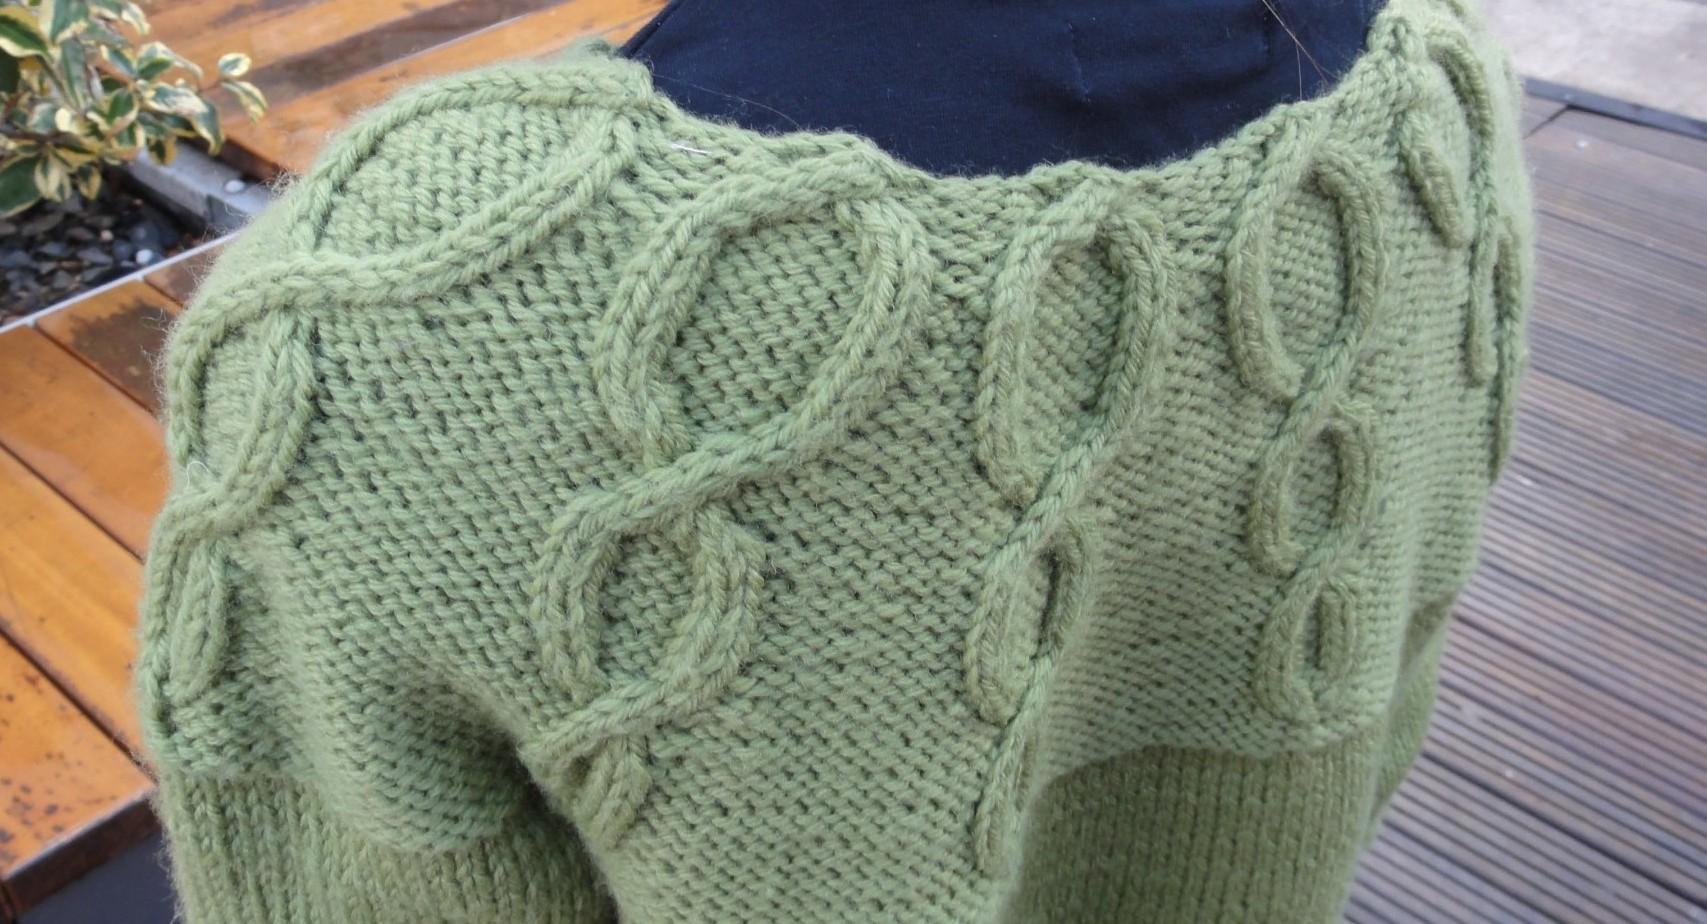 Qu'il est loin le temps où un pull se tricotait en 4 pièces (un devant, un dos et 2 manches), assemblées à la fin de l'ouvrage. Le Miss Korrigan de...